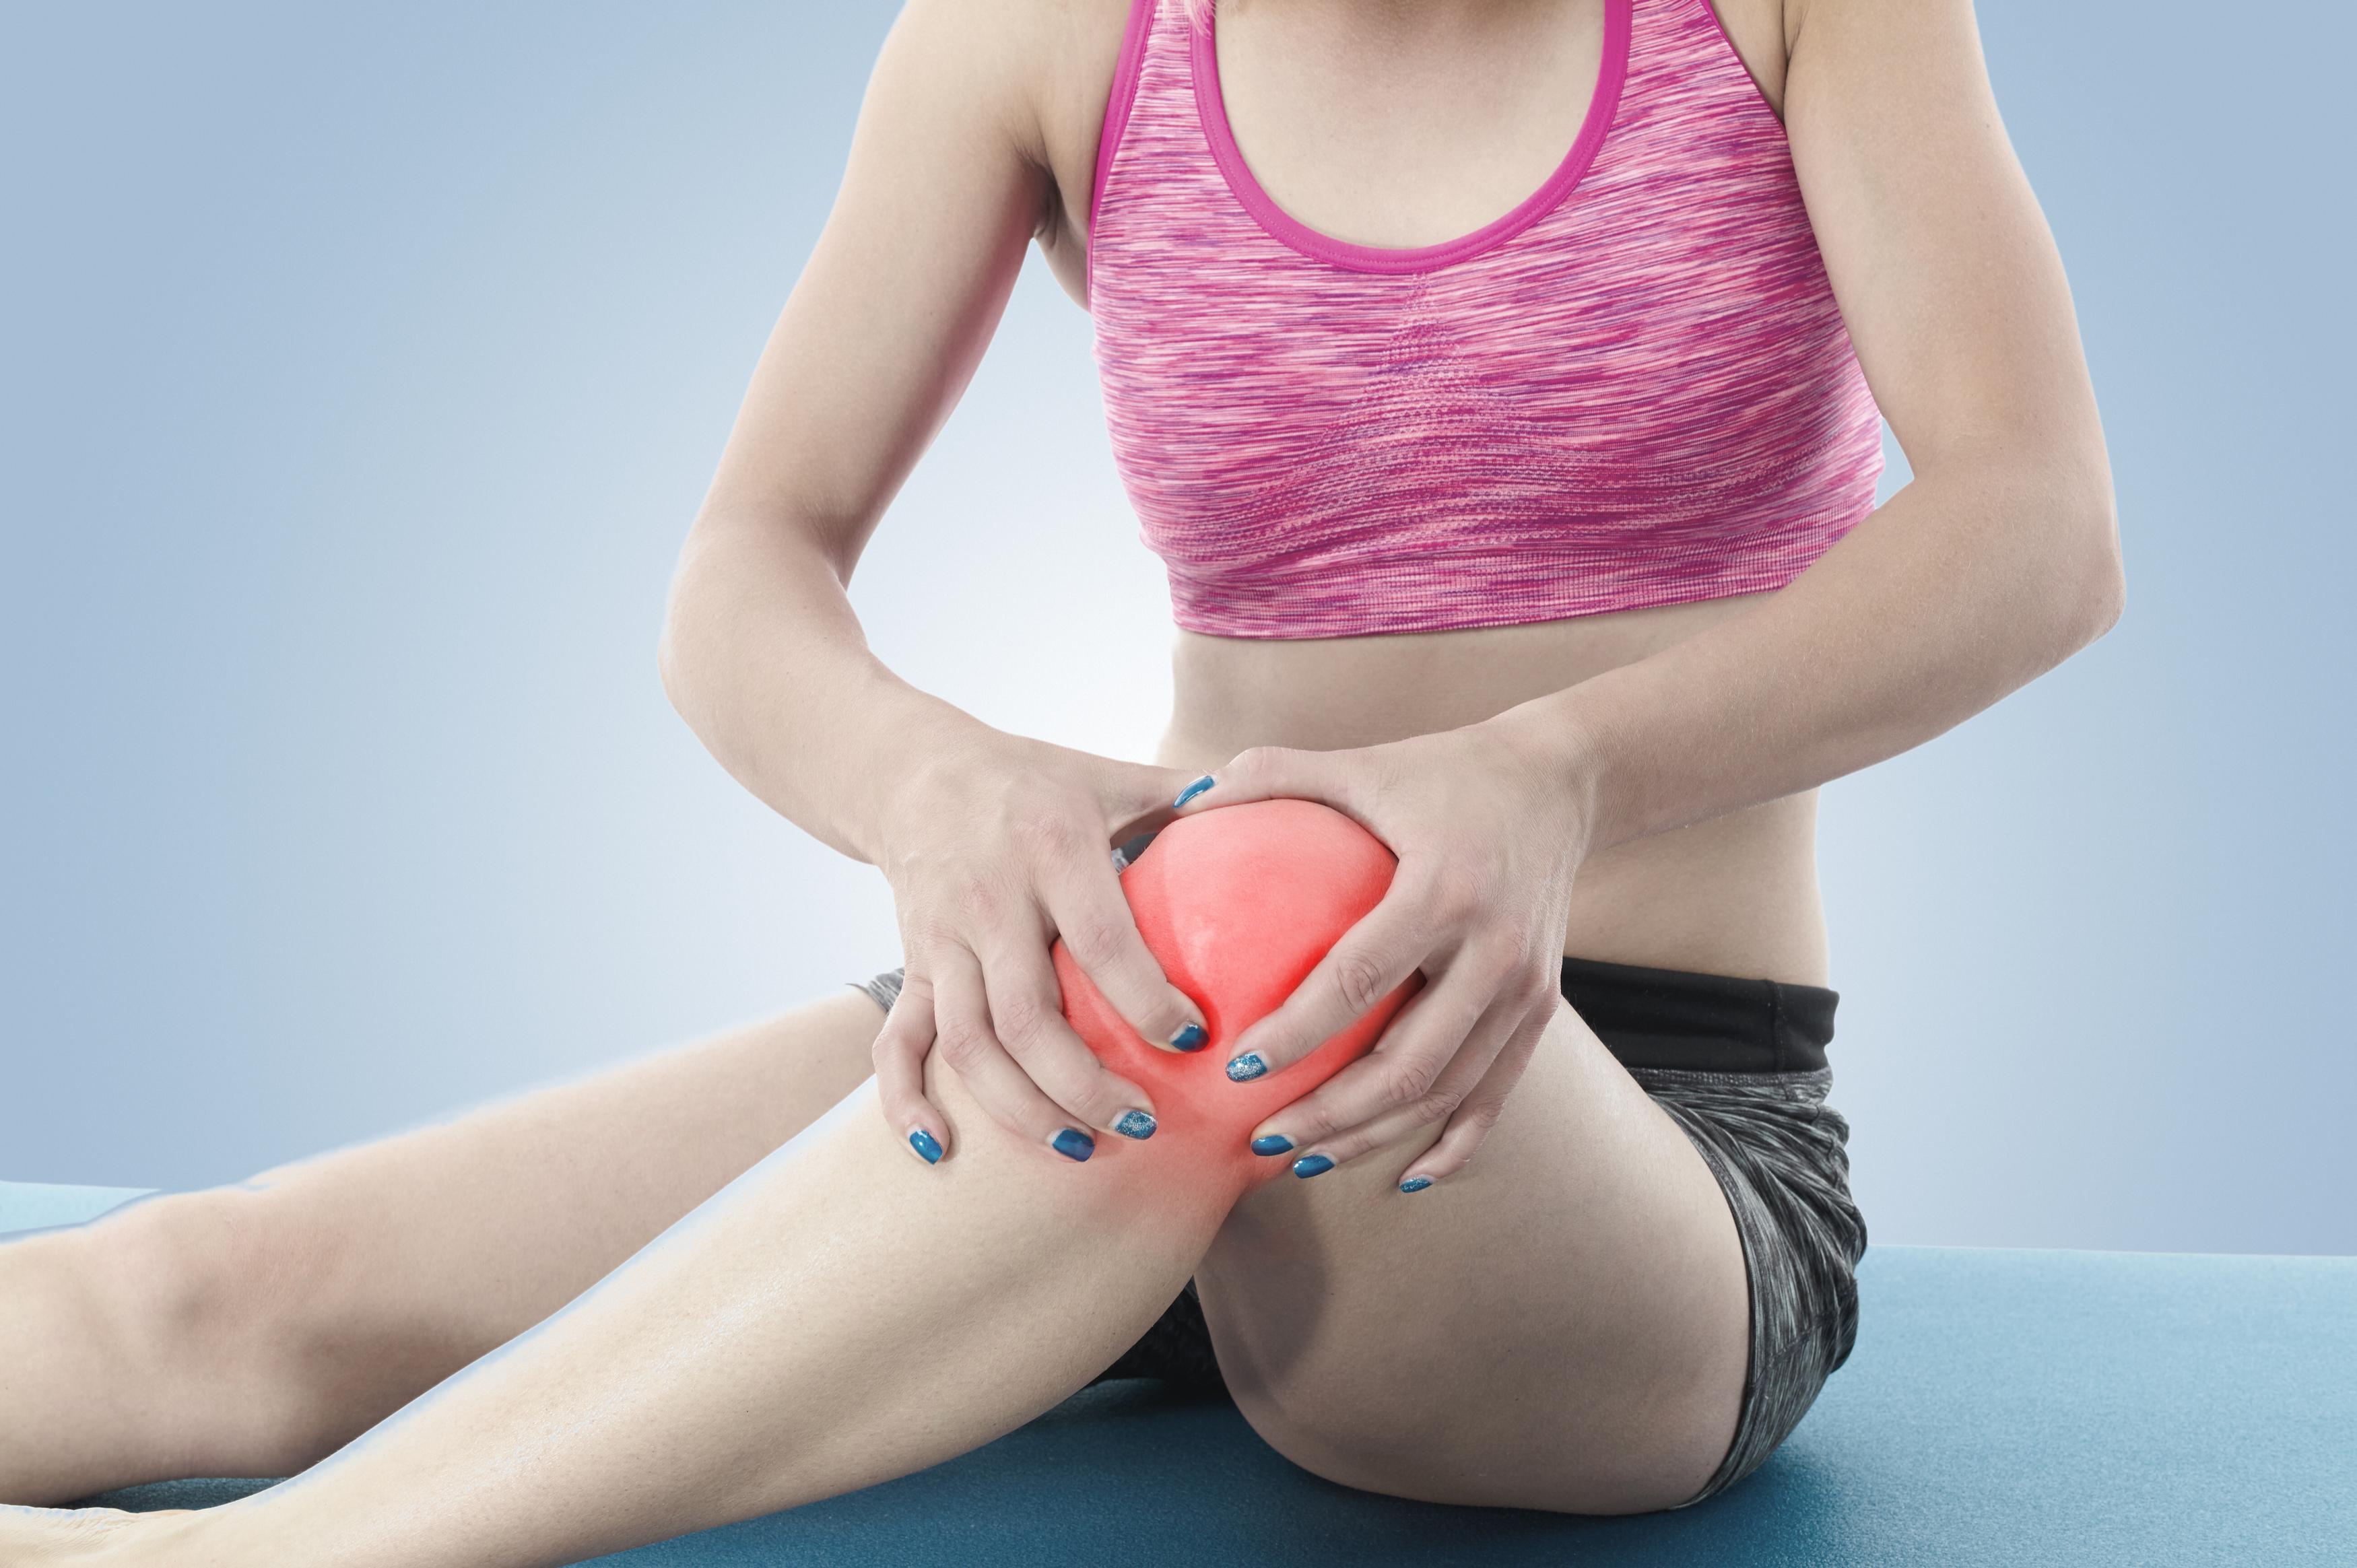 Lamele de coloană vertebrală - Bursită -